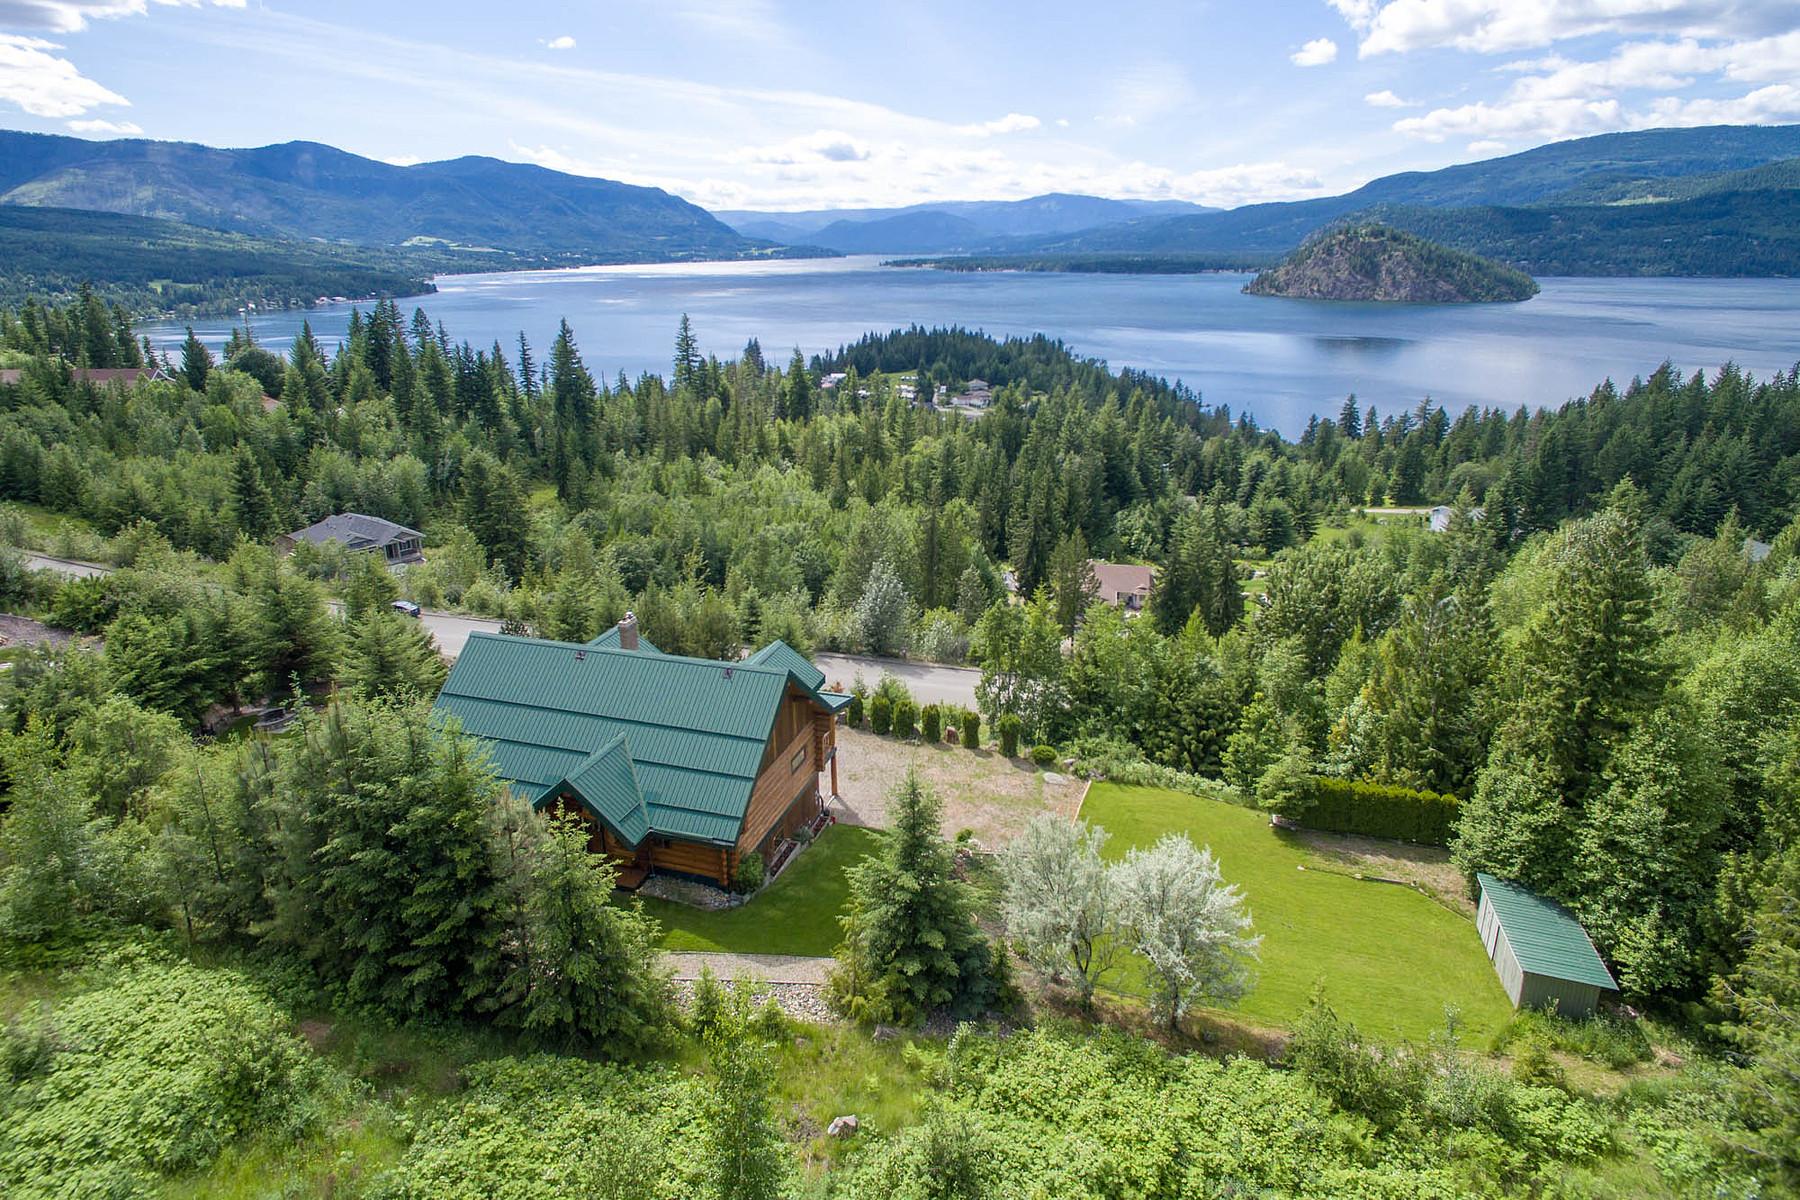 Частный односемейный дом для того Продажа на Fine Piece of Canadiana 3505 McBride Rd, Blind Bay, Британская Колумбия, V0E 1H1 Канада